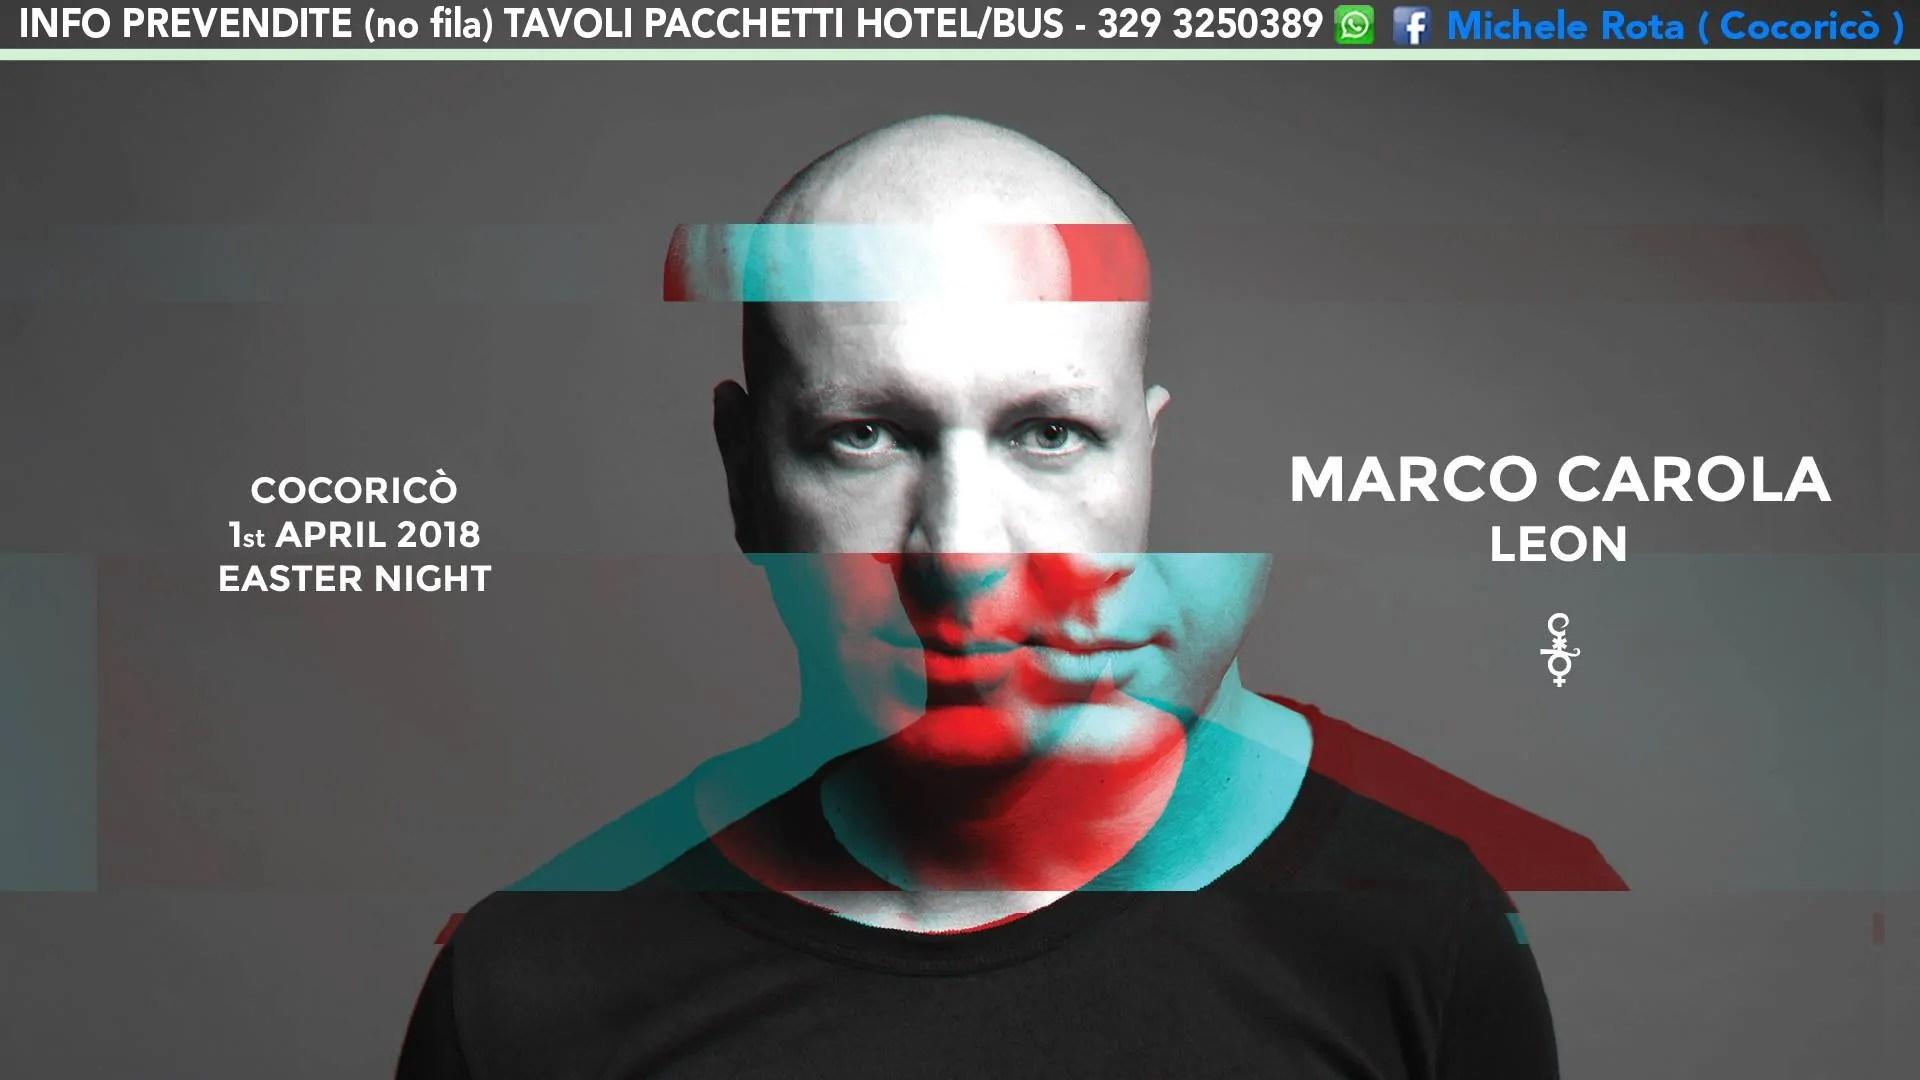 MARCO CAROLA PASQUA 2018 AL COCORICO RICCIONE 01 04 2018 | TICKET TAVOLI PACCHETTI HOTEL